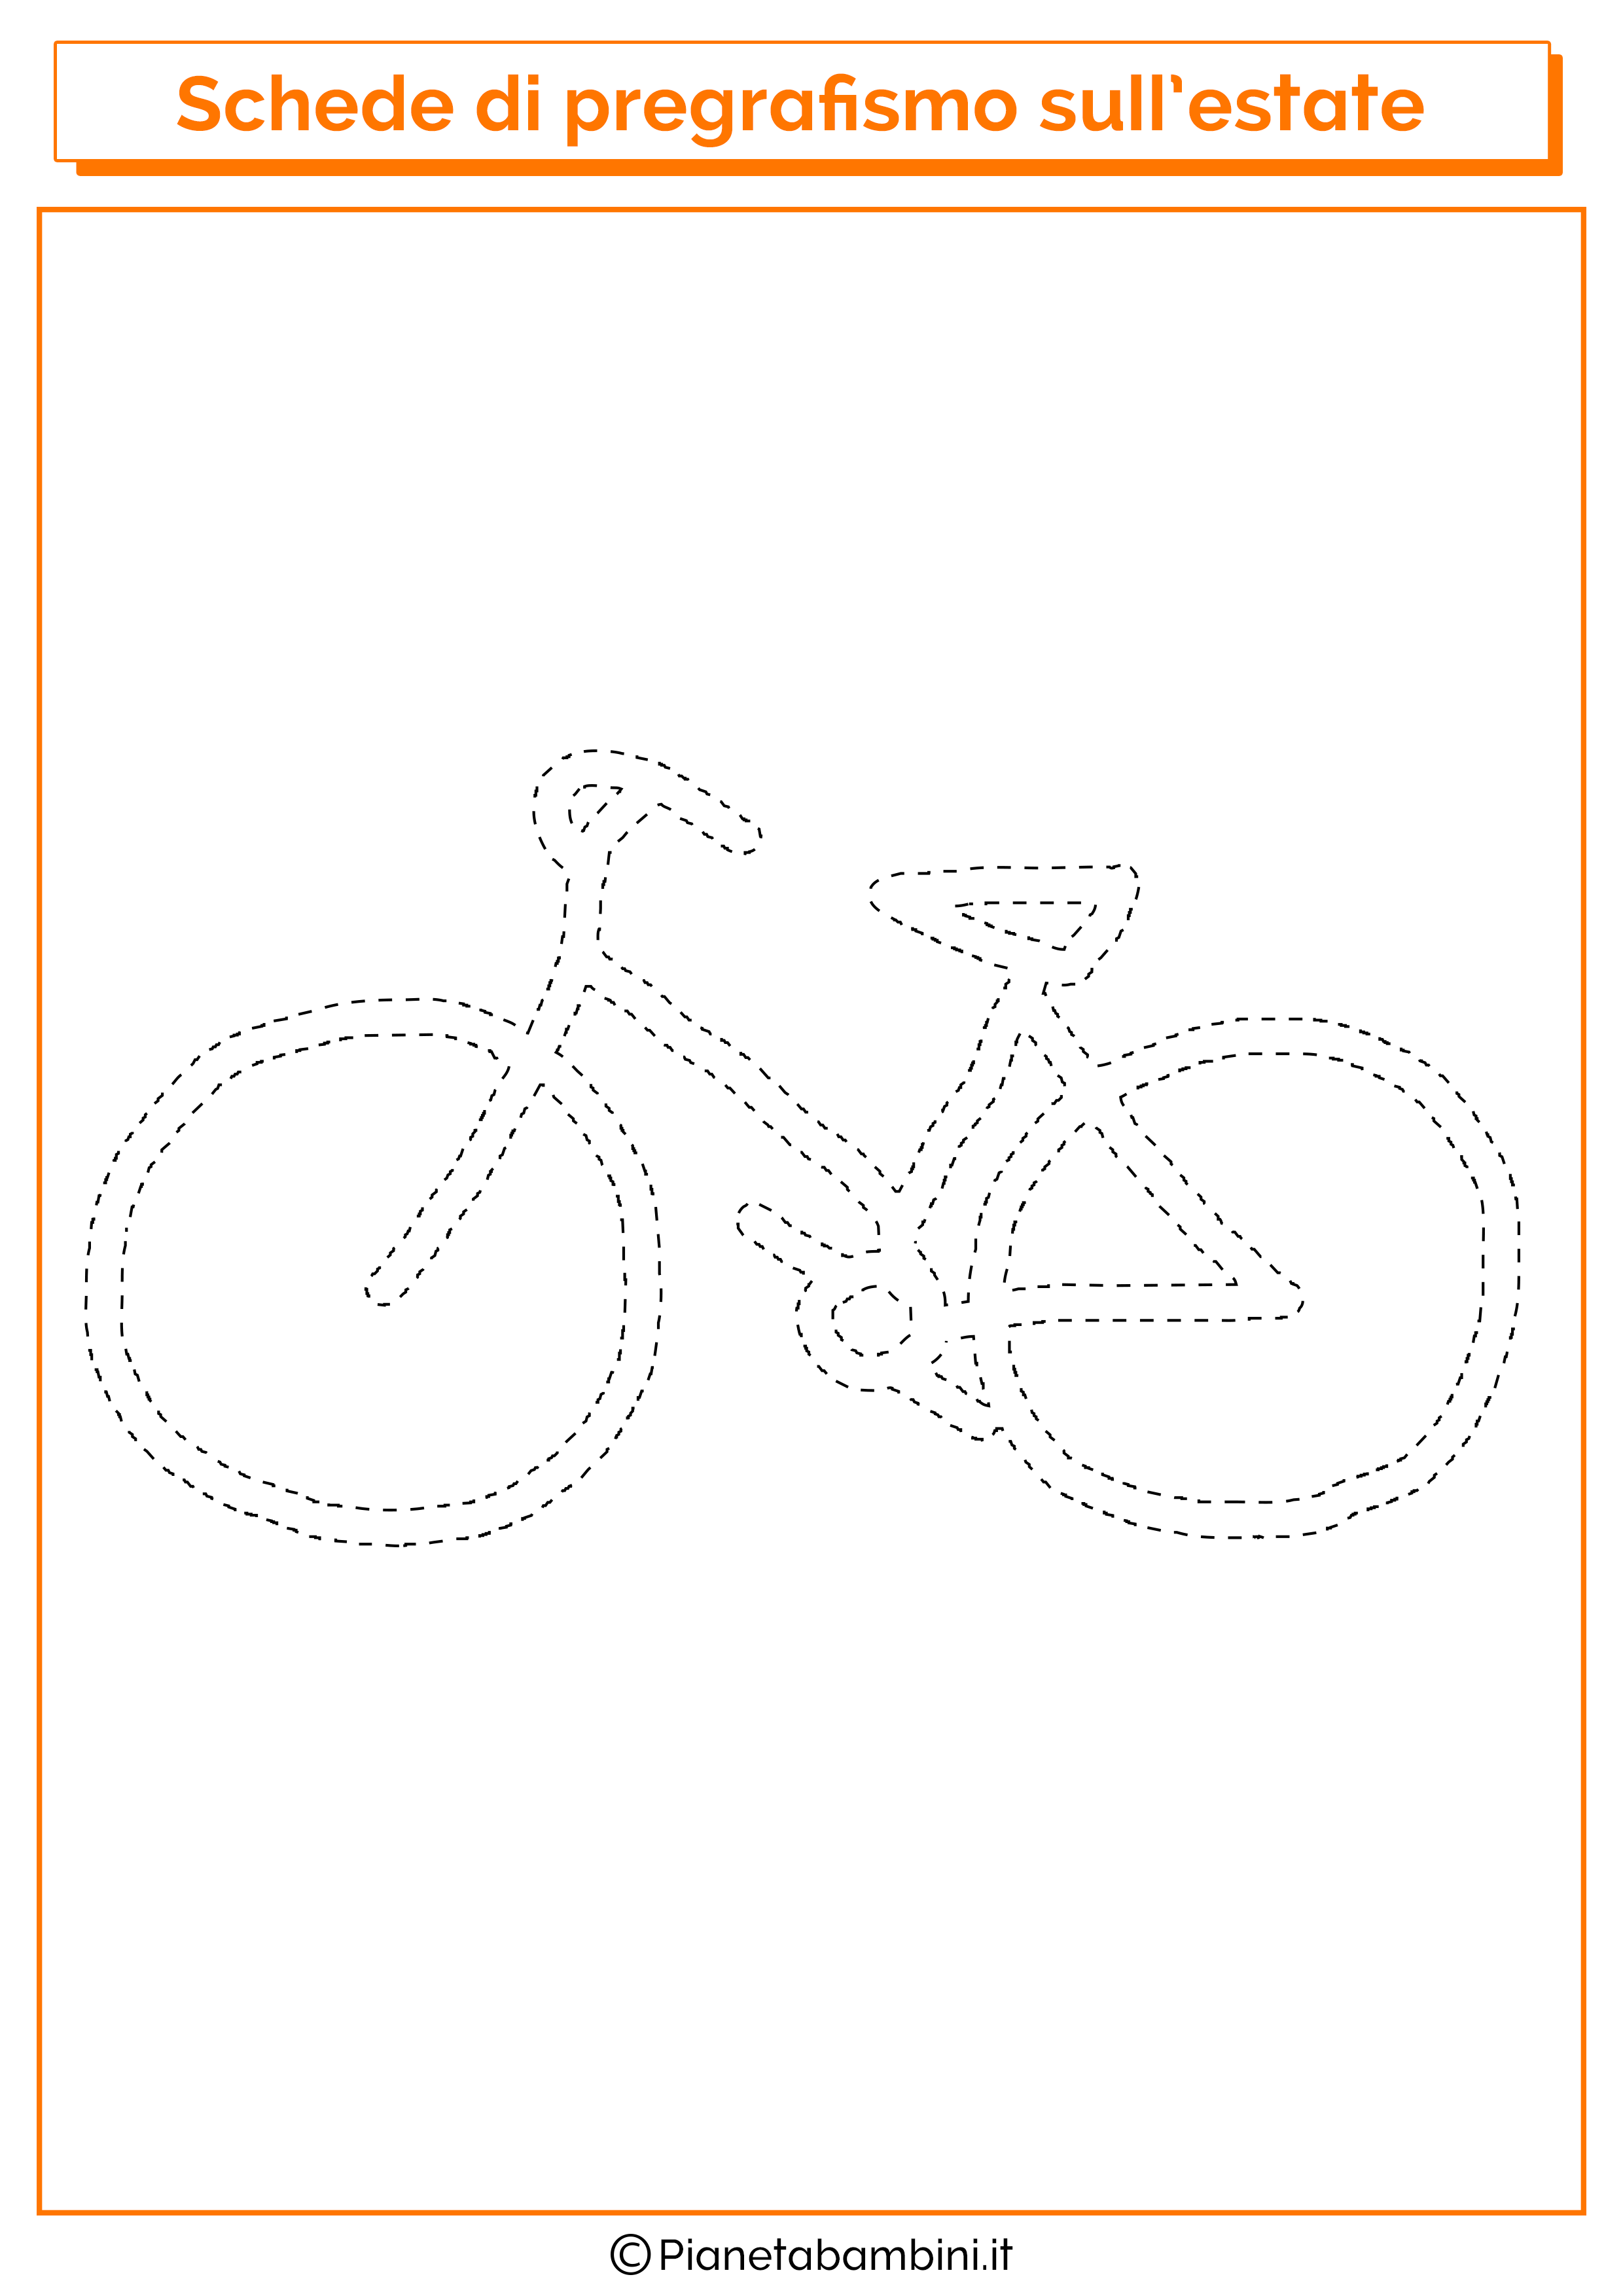 Scheda di pregrafismo sulla bicicletta